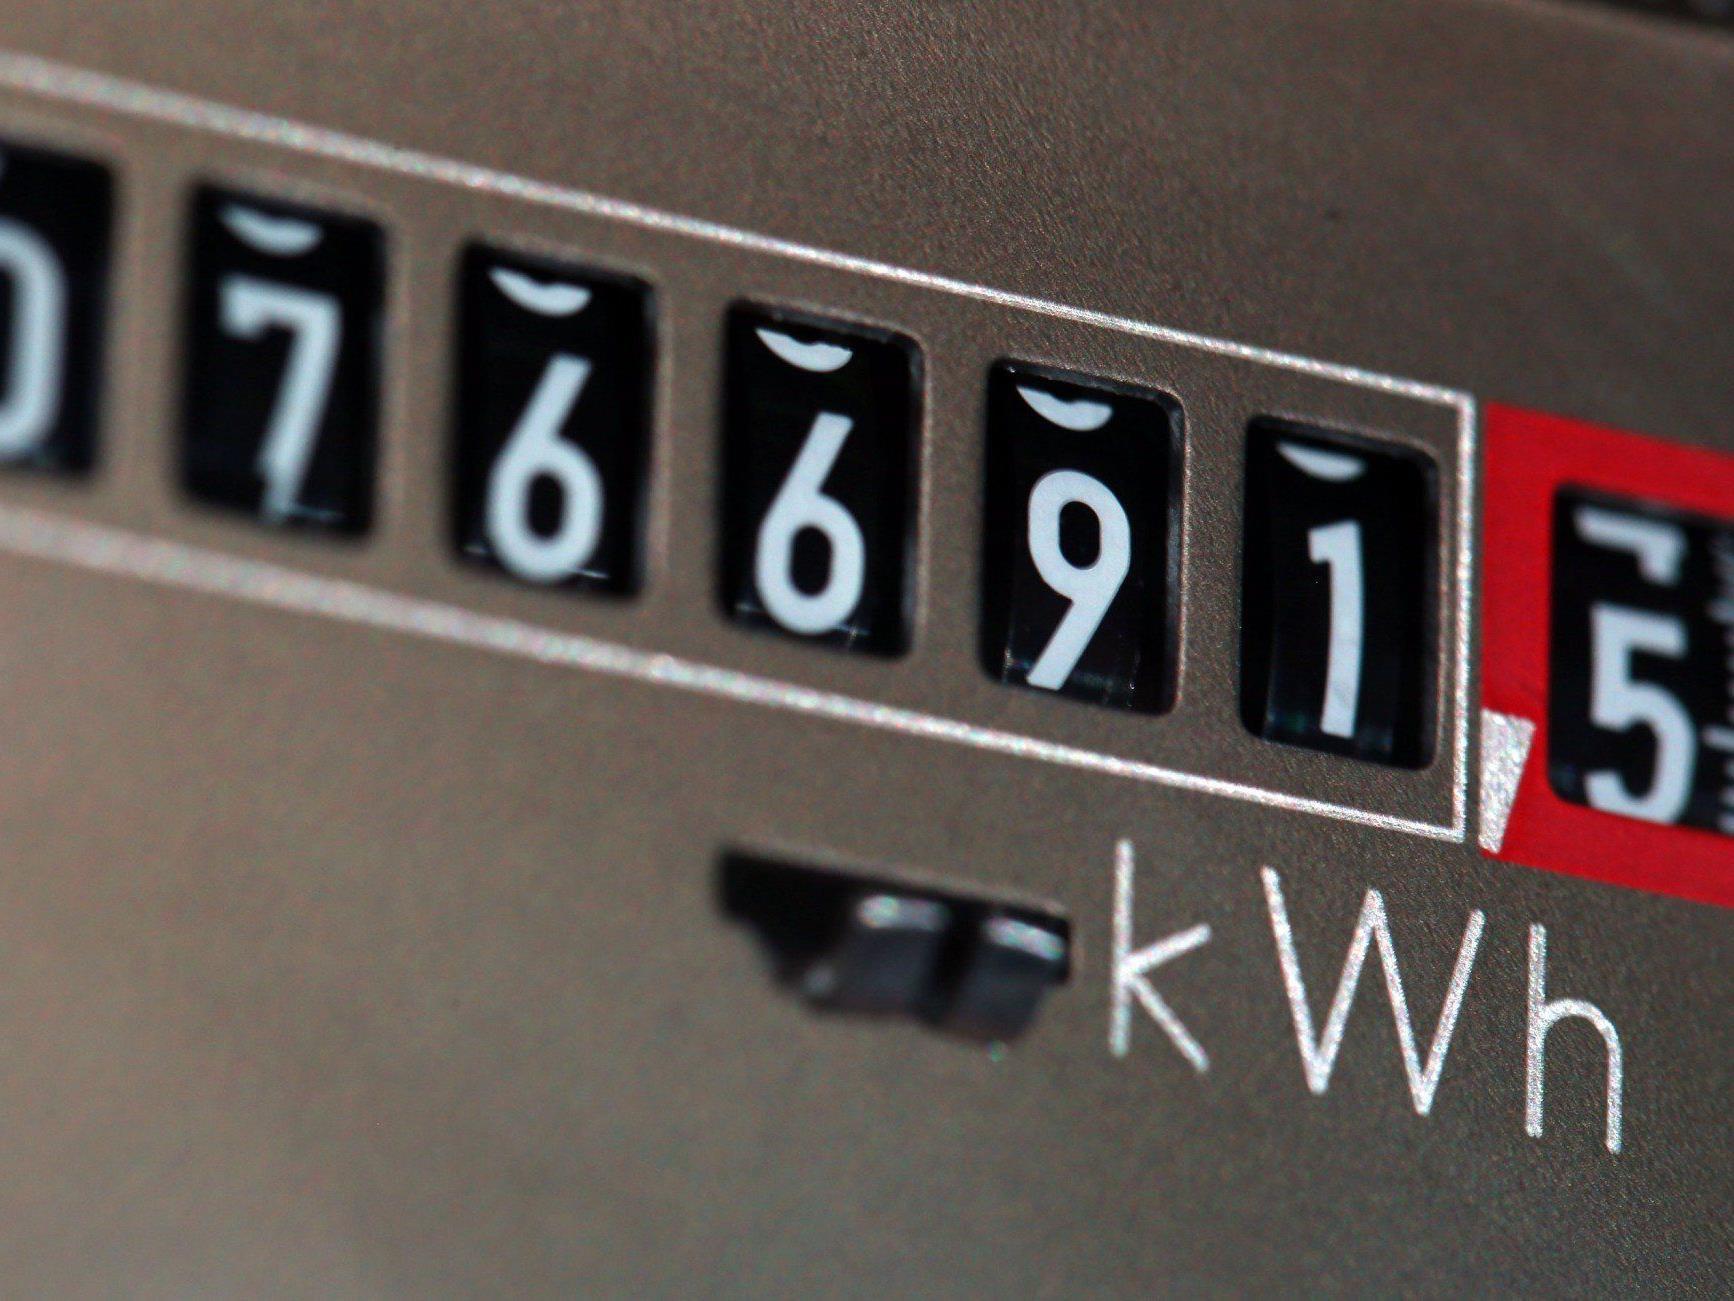 148.000 Haushalte wechselten im Jahr 2013 ihren Stromanbieter.